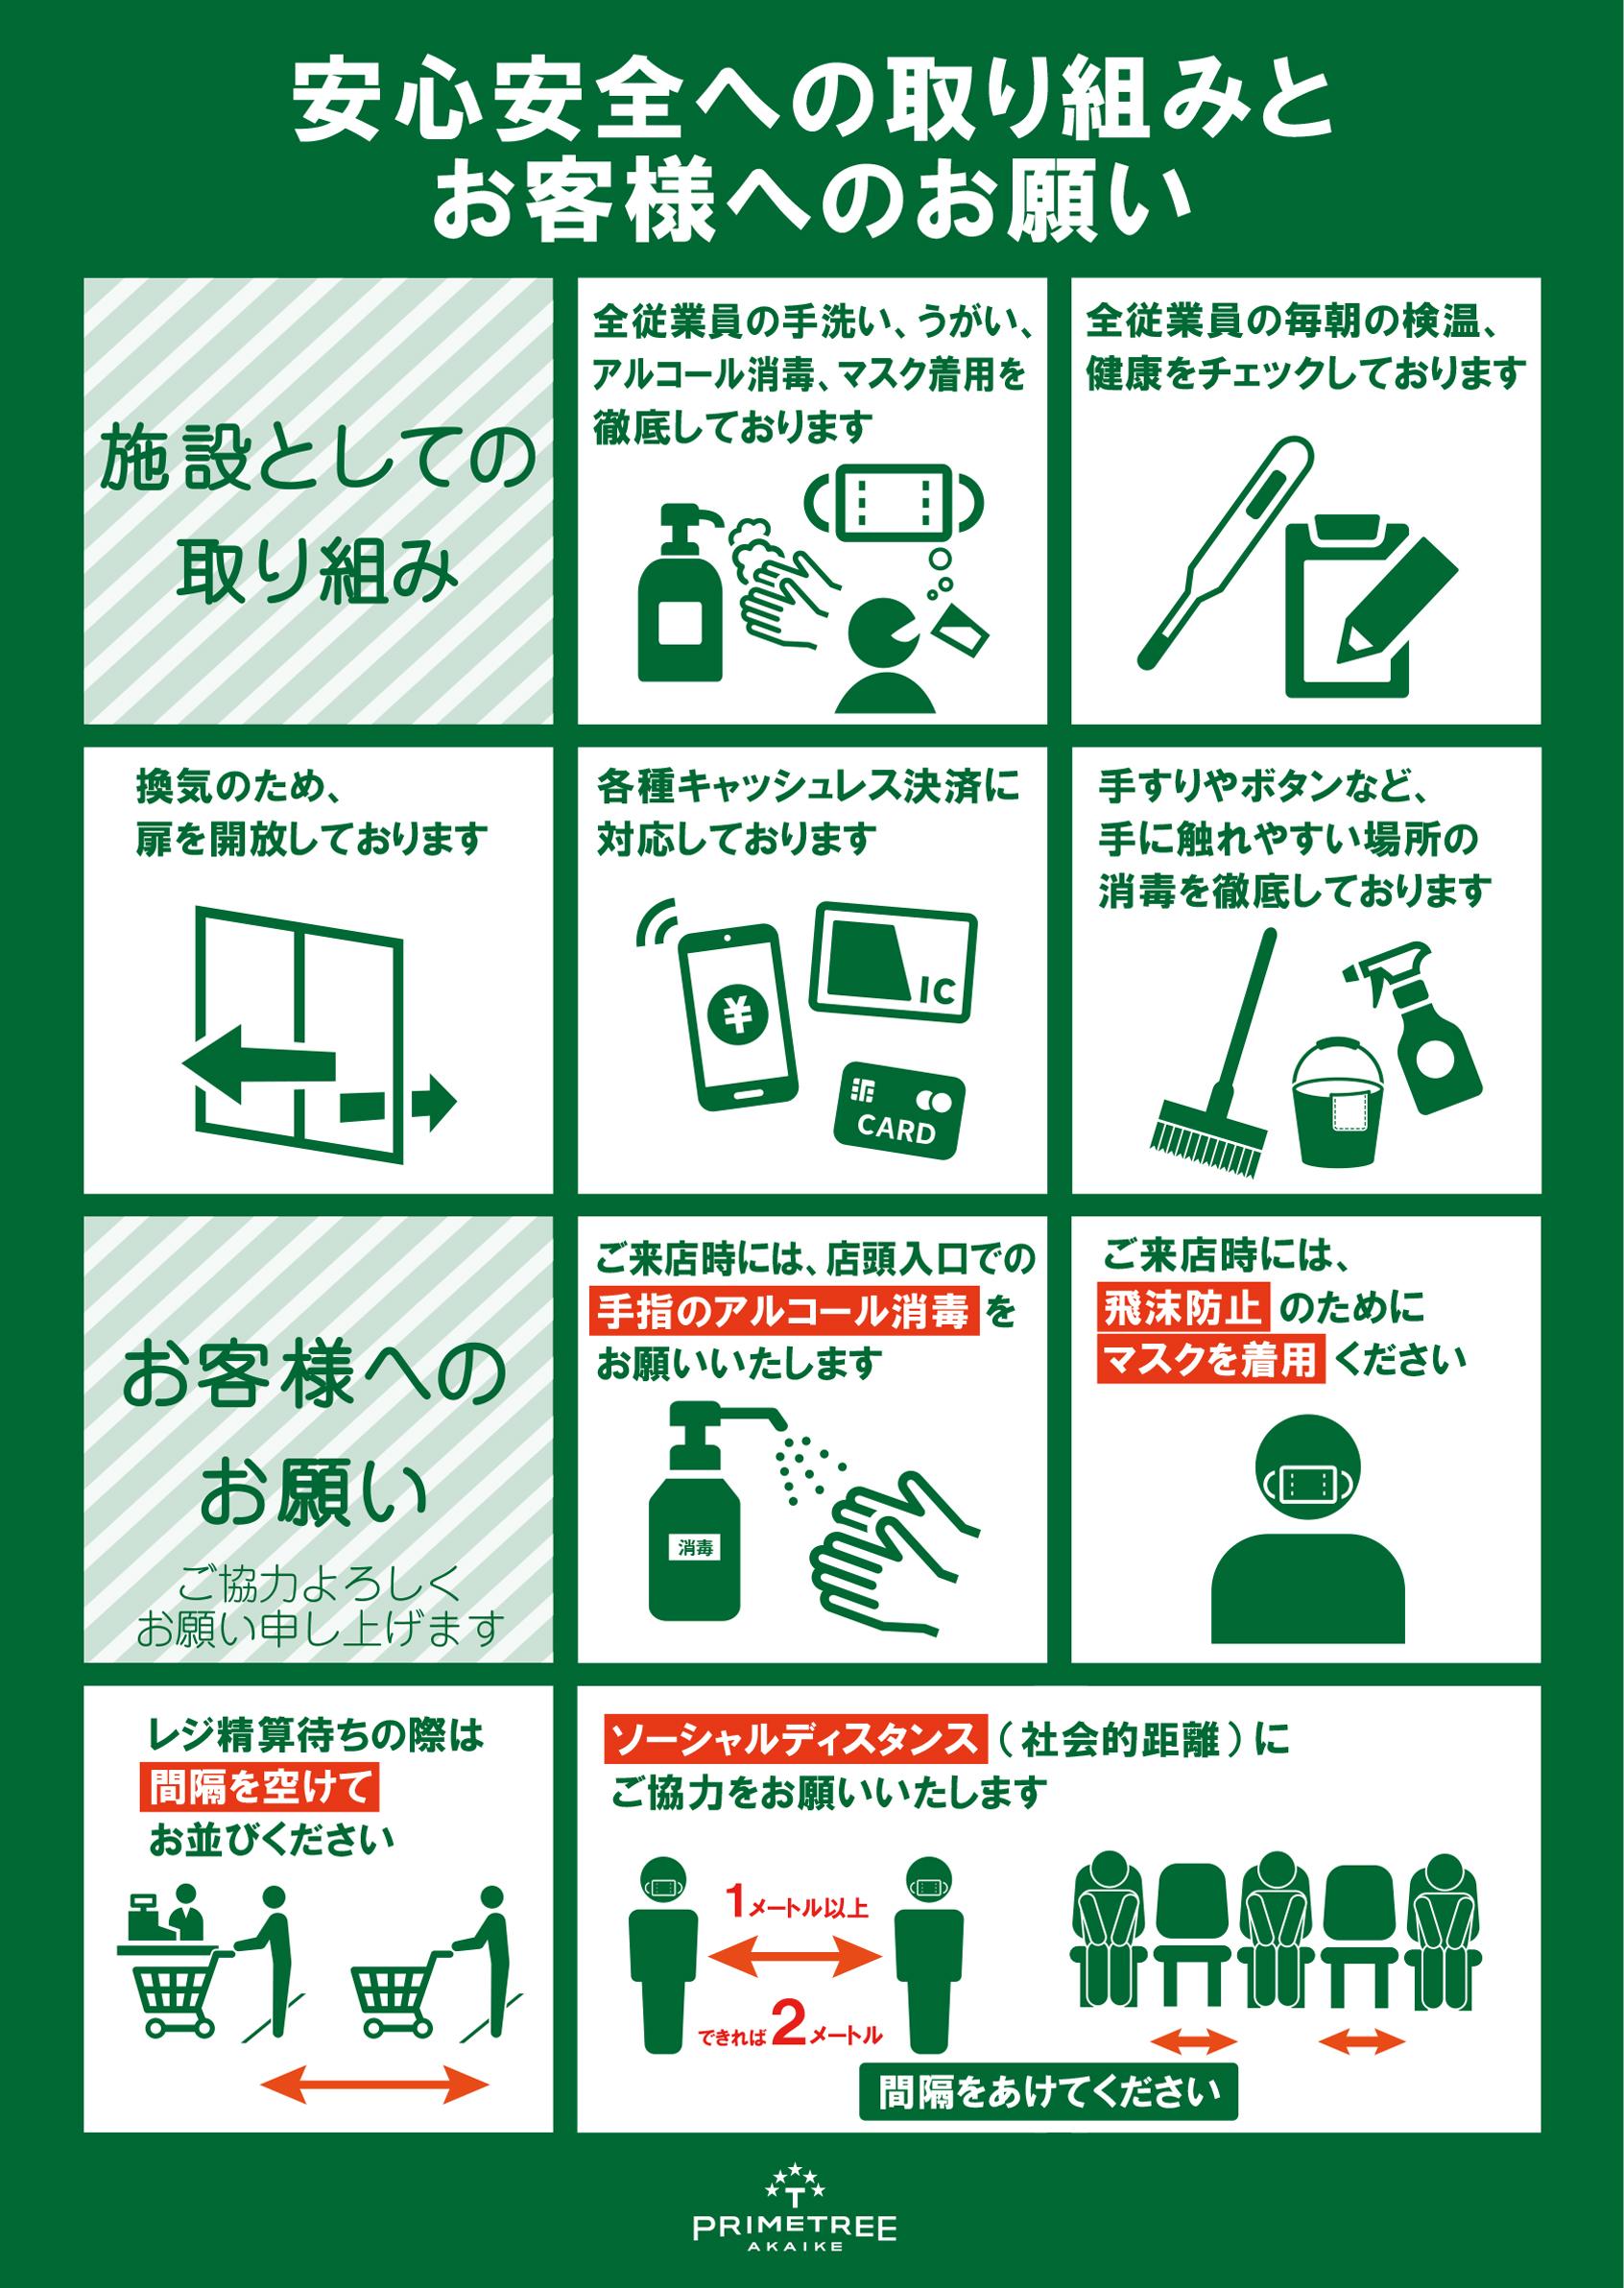 「安心安全への取り組みとお客様へのお願い」のお知らせ画像